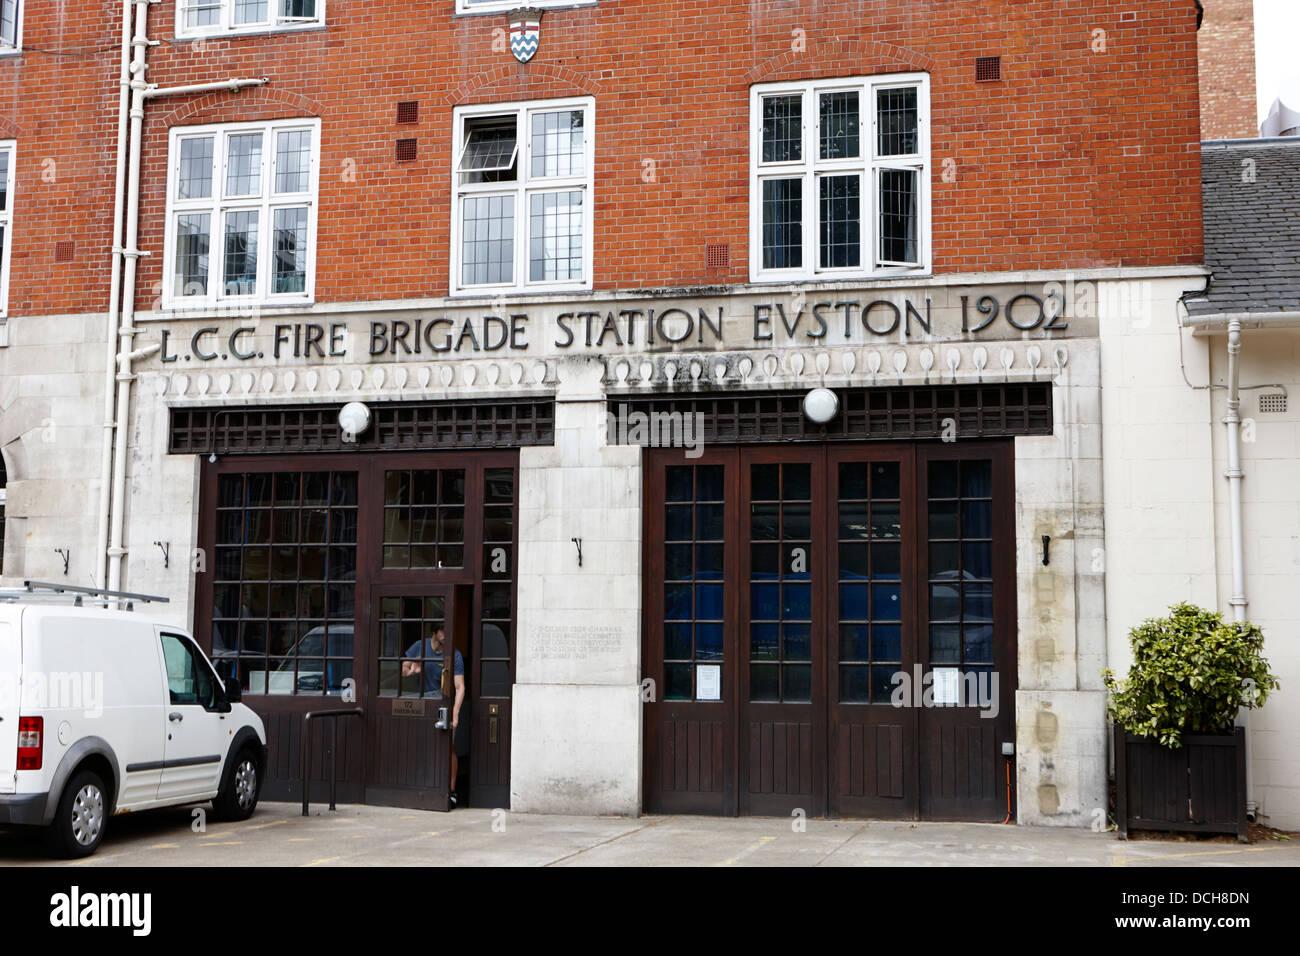 old lcc london fire brigage station euston road London England UK - Stock Image